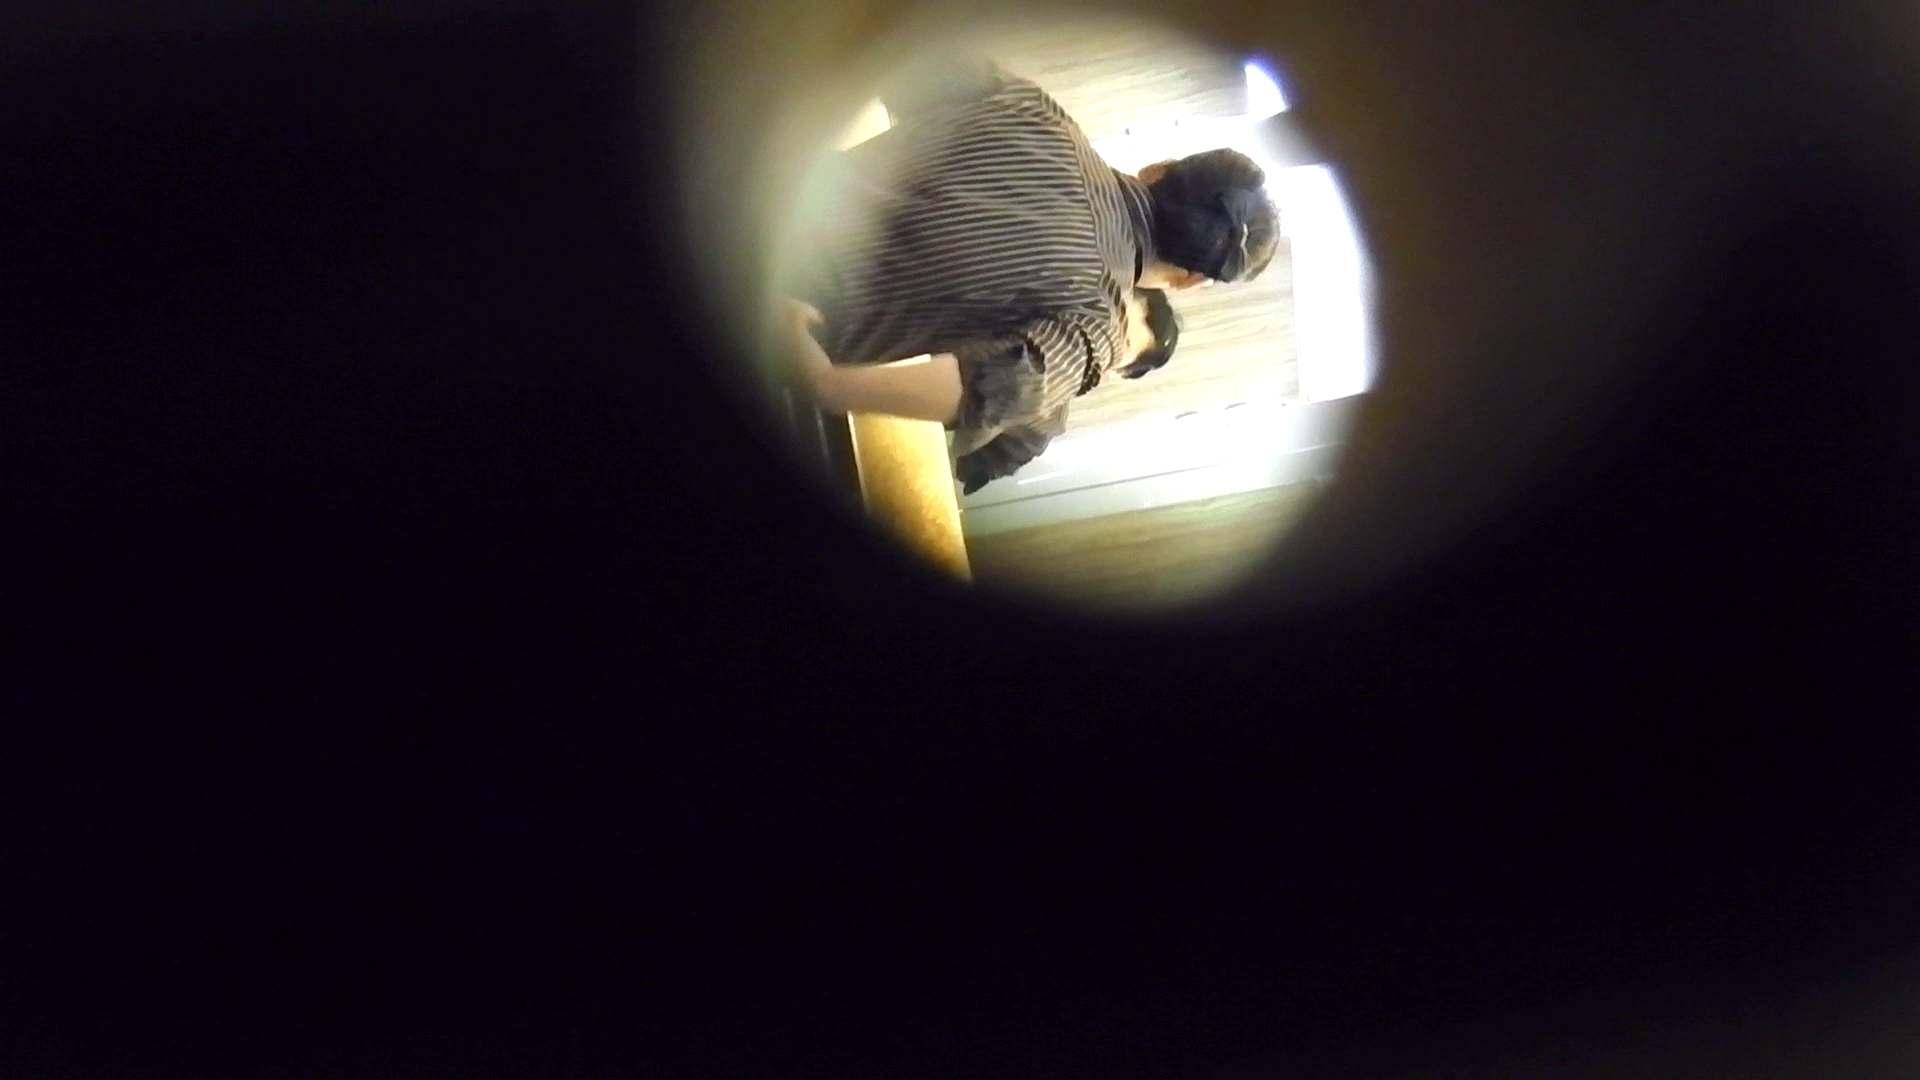 阿国ちゃんの「和式洋式七変化」No.4 ギャルズ おめこ無修正動画無料 31画像 2